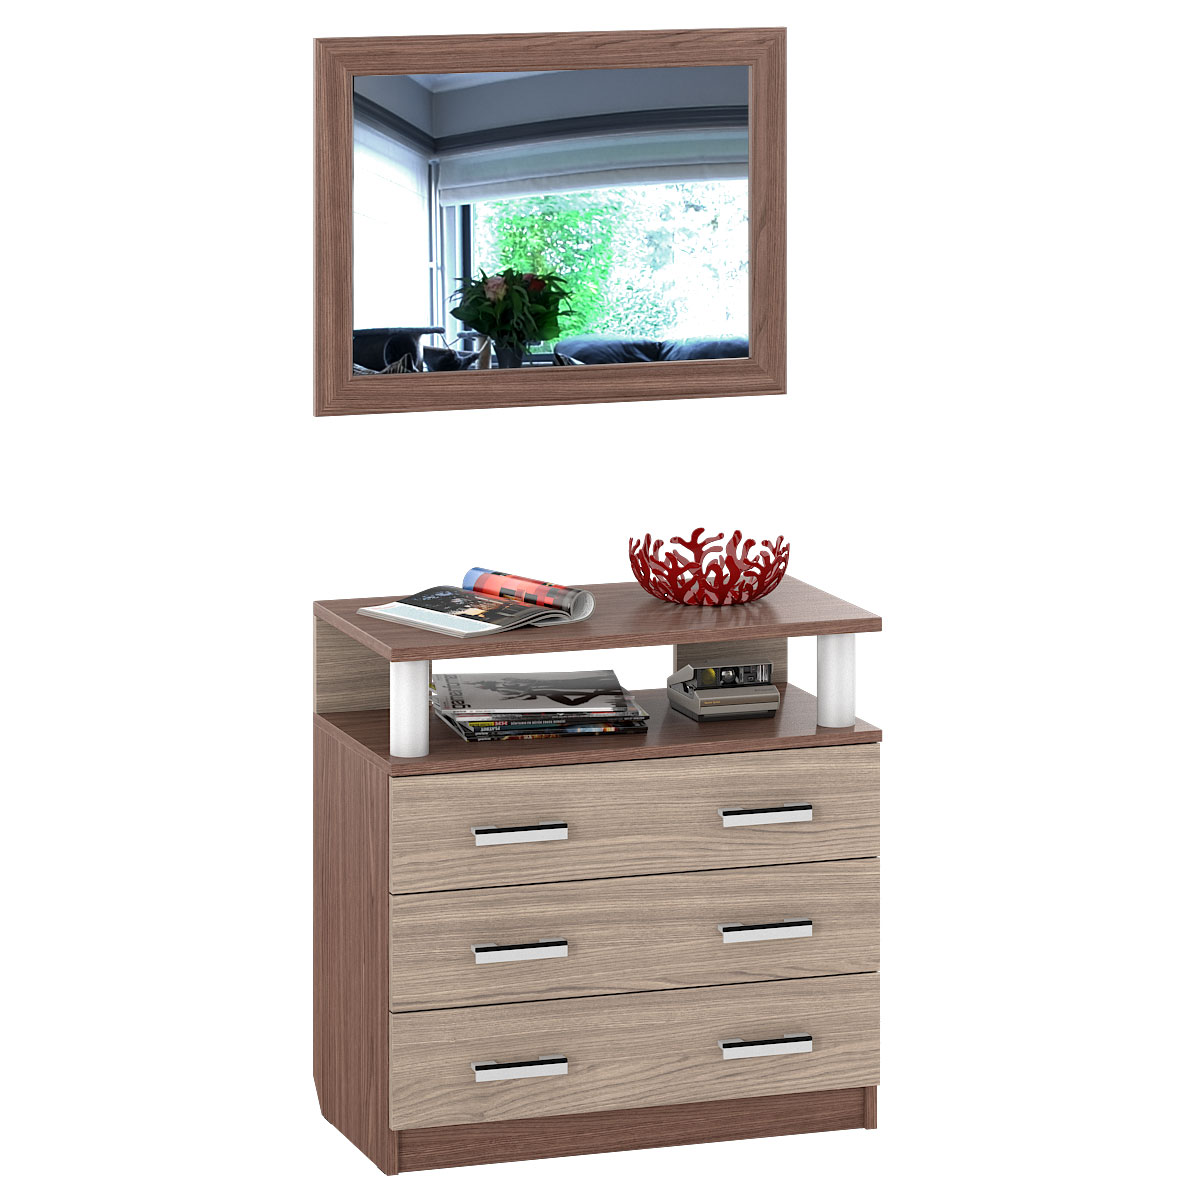 Комод с зеркалом Мебельный Двор К-16 80х43х180 см, ясень шимо темный